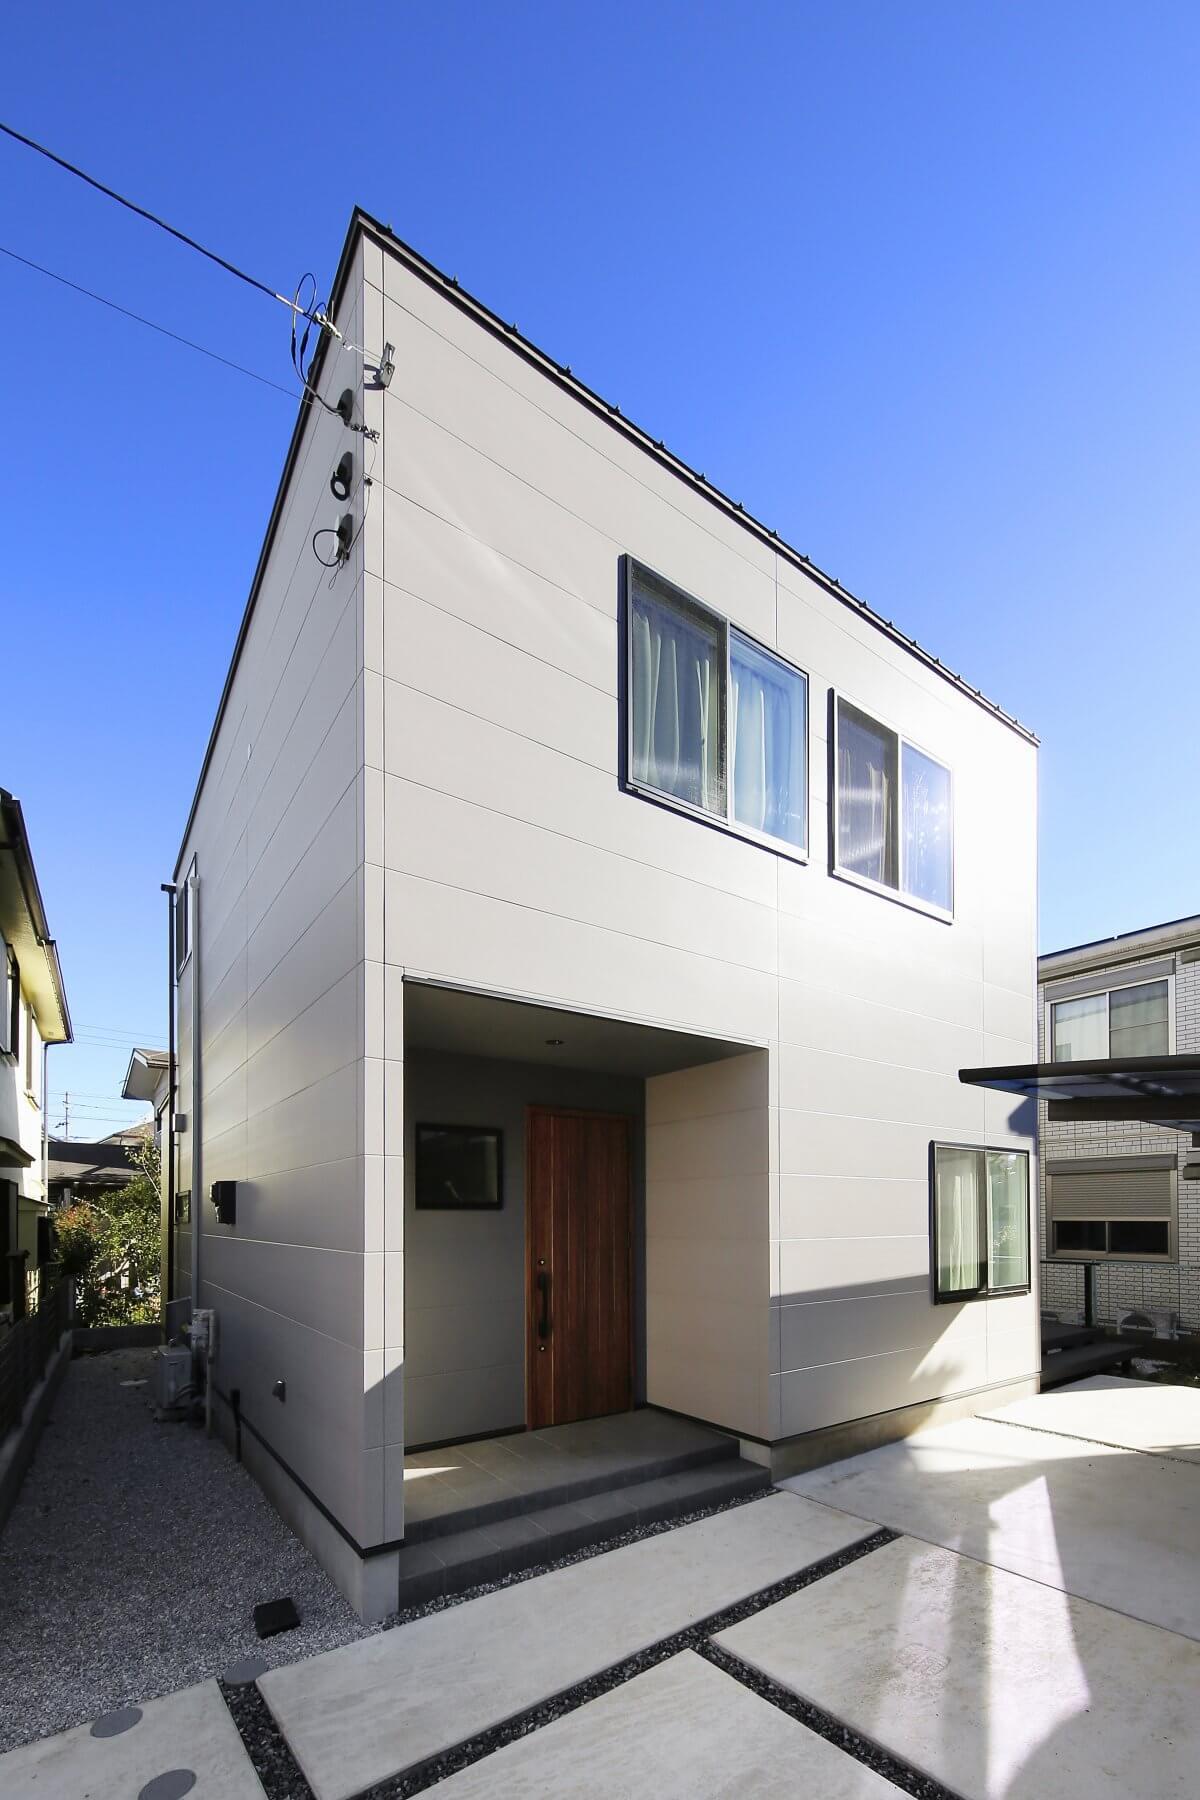 シャープでスタイリッシュな外観デザイン。木目の玄関ドアがいいアクセントになっています。